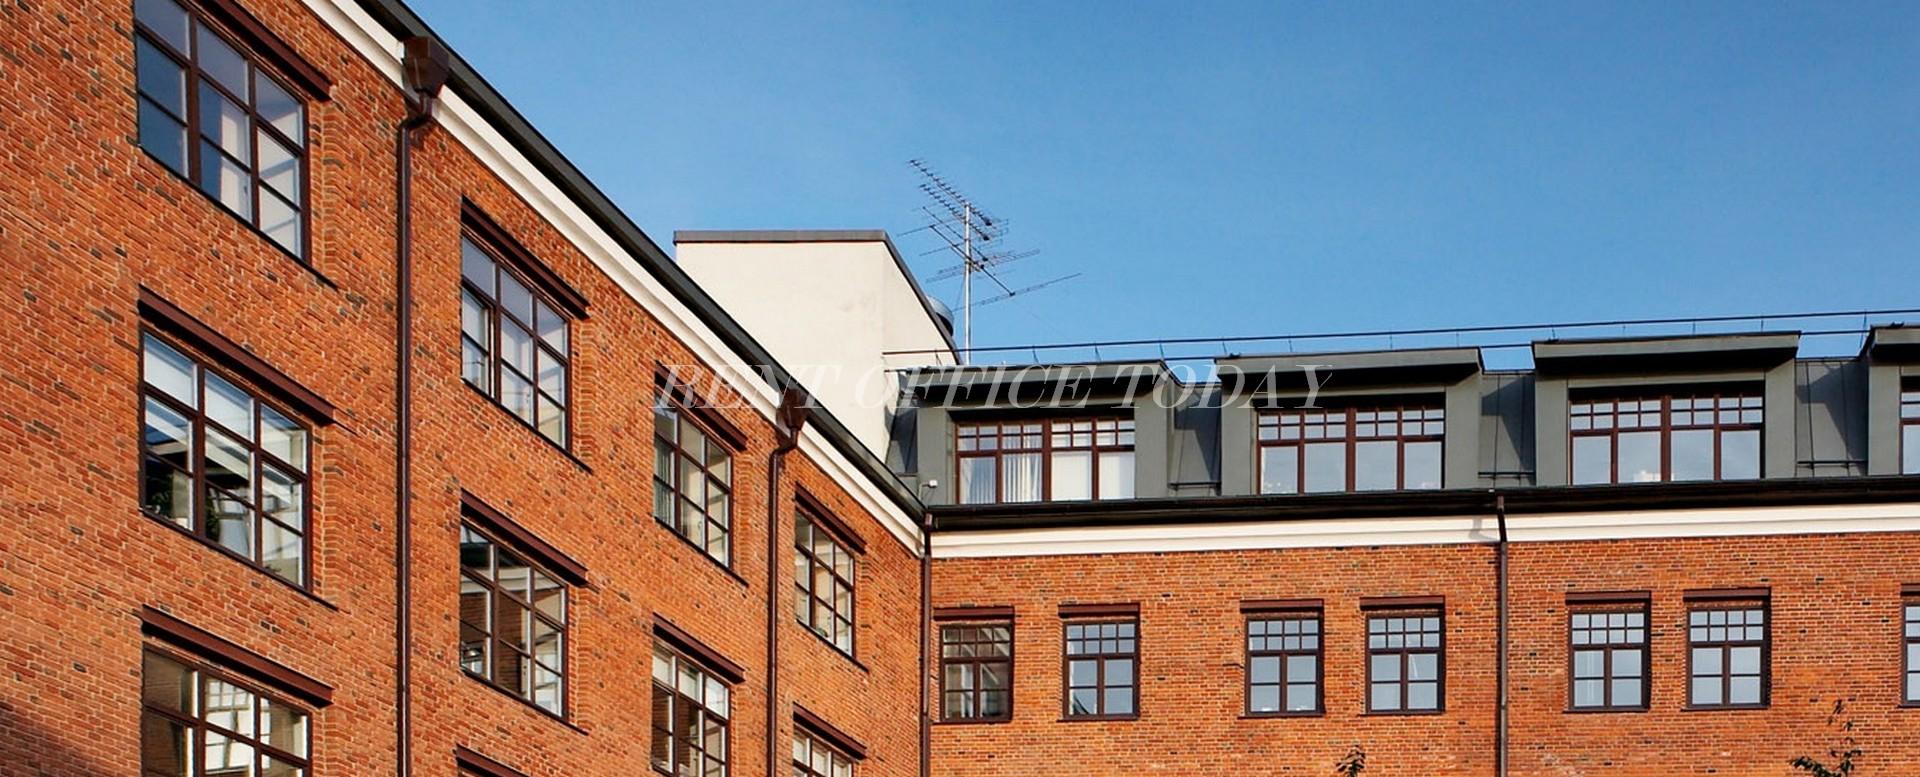 location de bureau stanislavsky factory-4